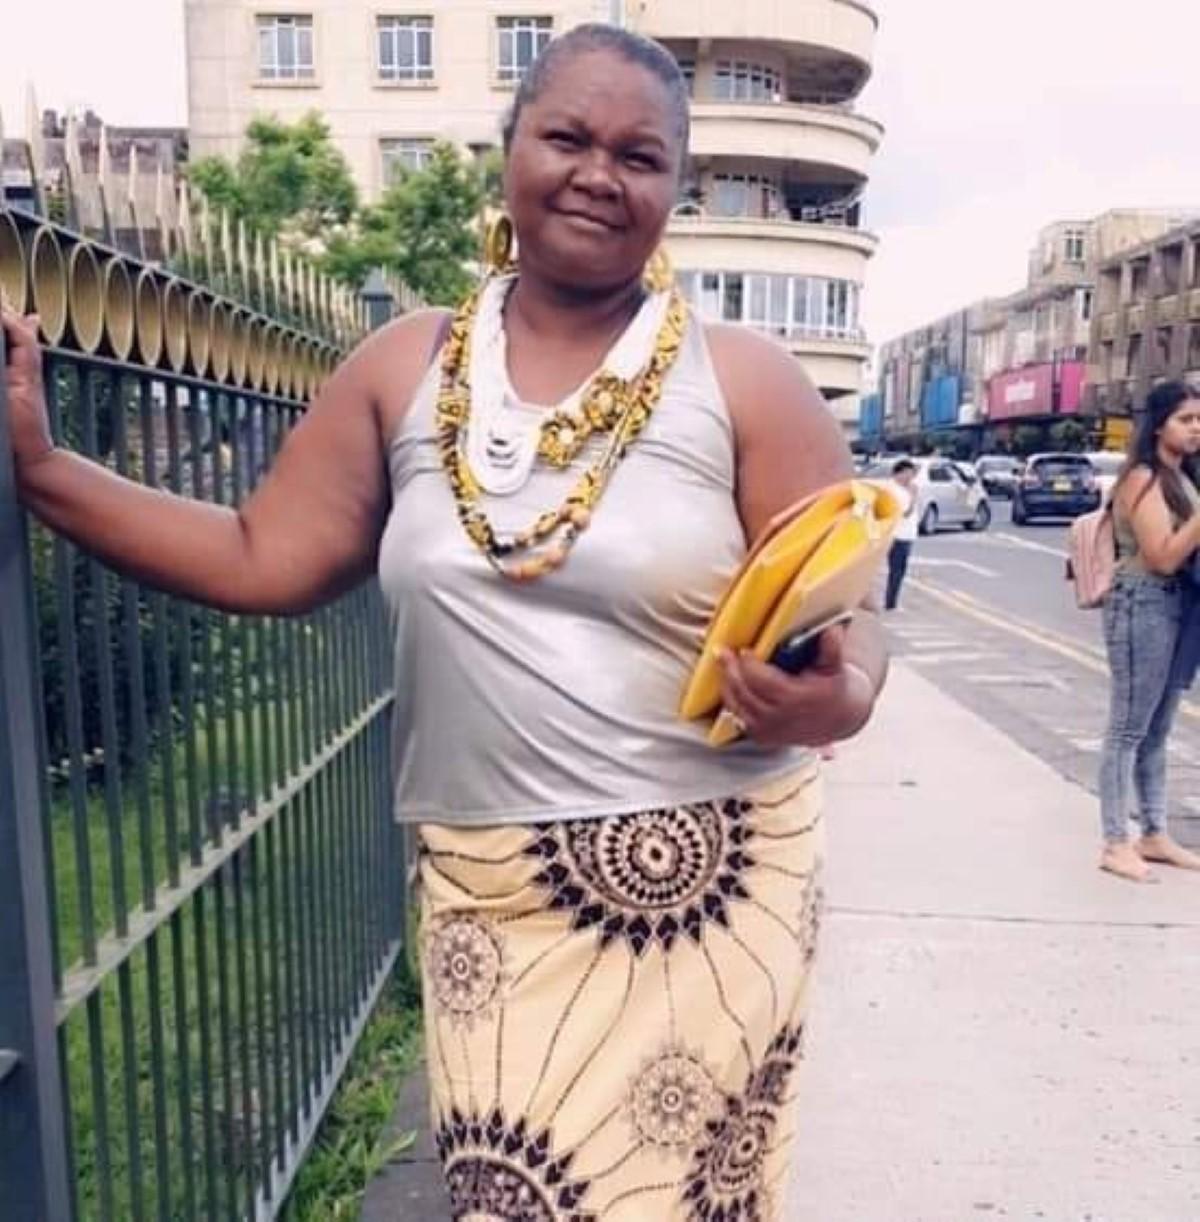 Meurtre à Vacoas : Dorine Phokeerdass candidate du Parti Kreol Morisien (PKM) tuée par son époux